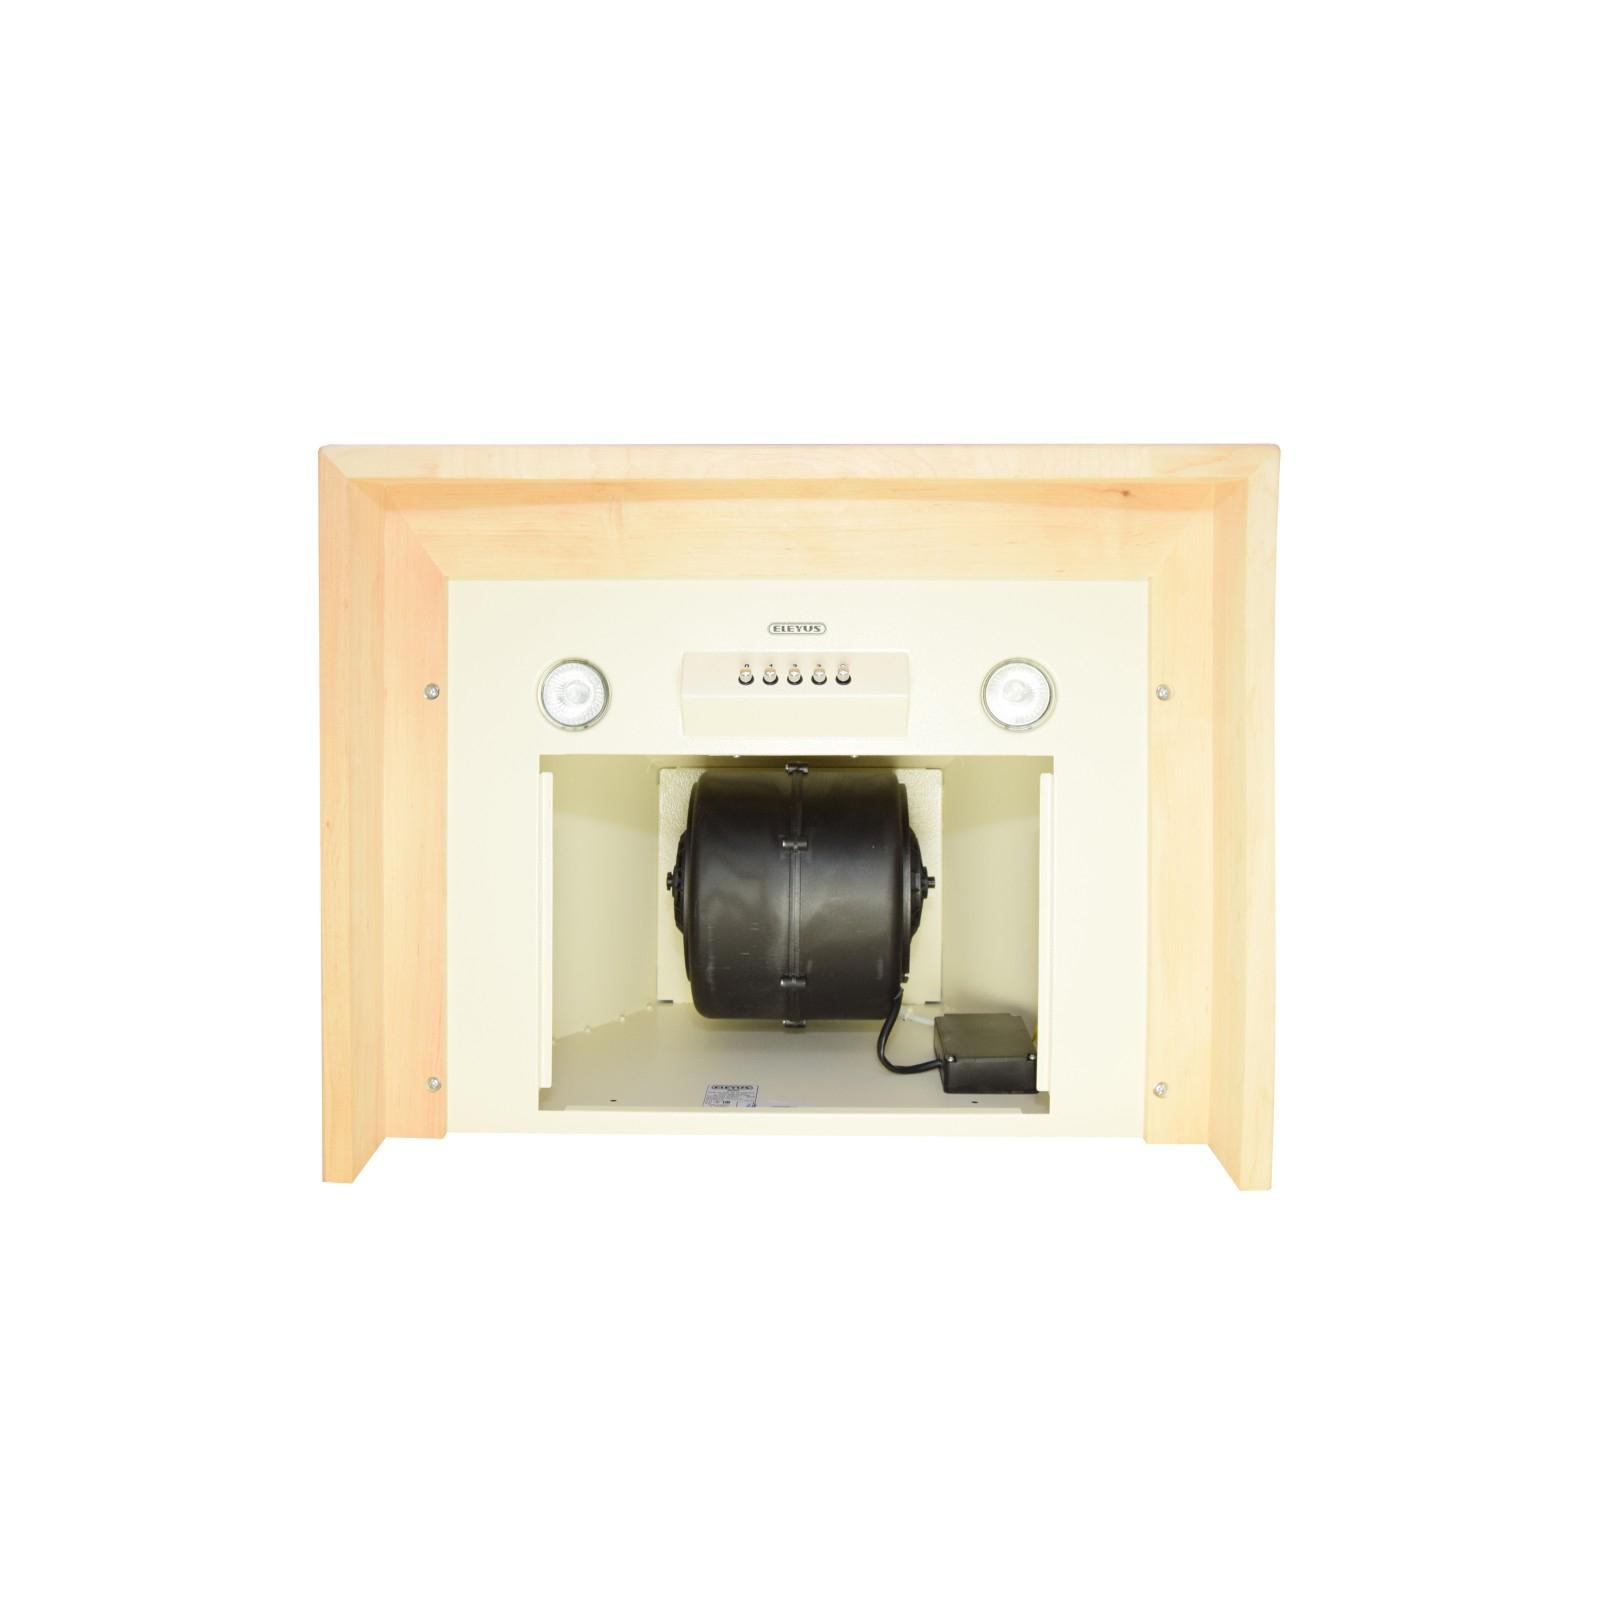 Вытяжка кухонная Eleyus Solo Country 1200 LED SMD 60 N изображение 5